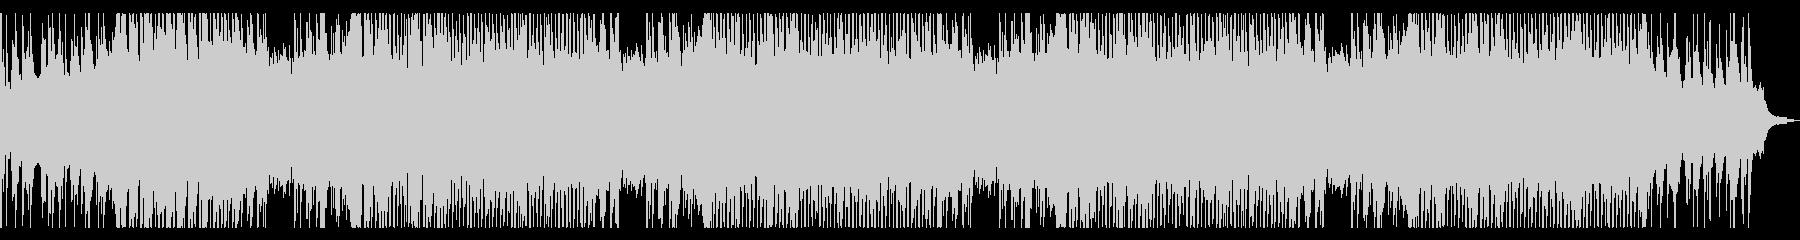 ピアノのアンビエント ロングの未再生の波形